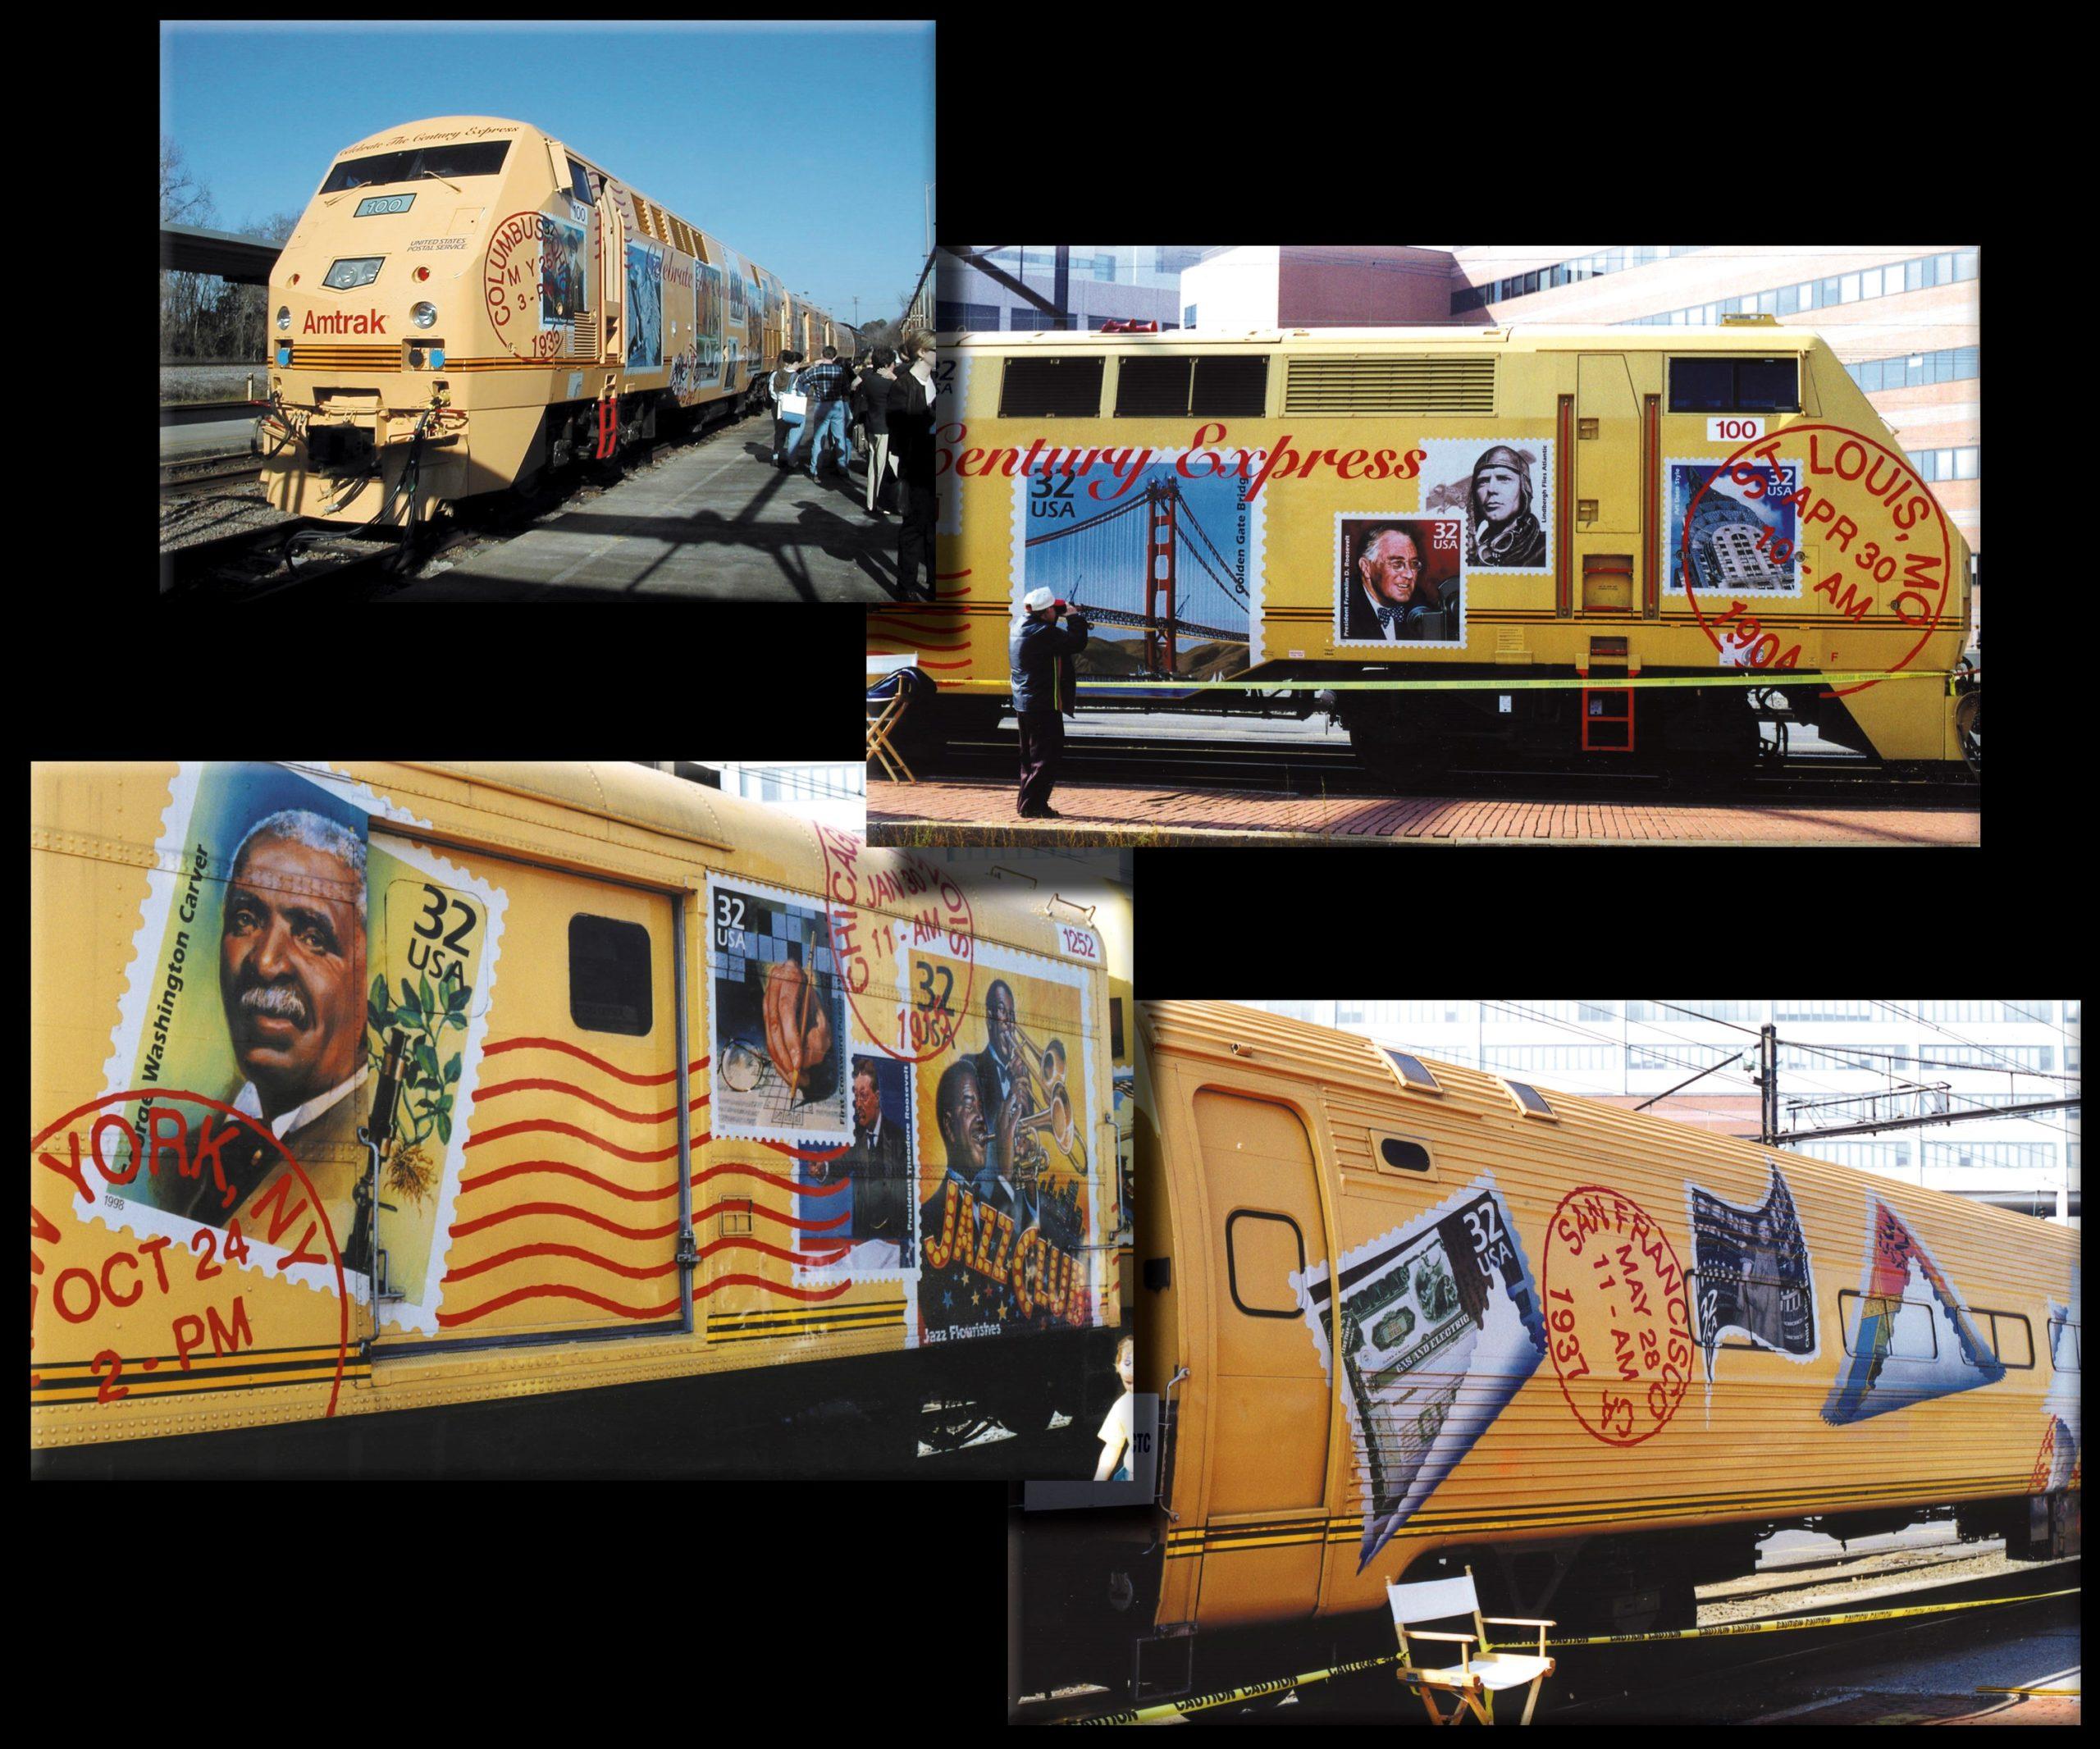 Full wrap for Amtrak